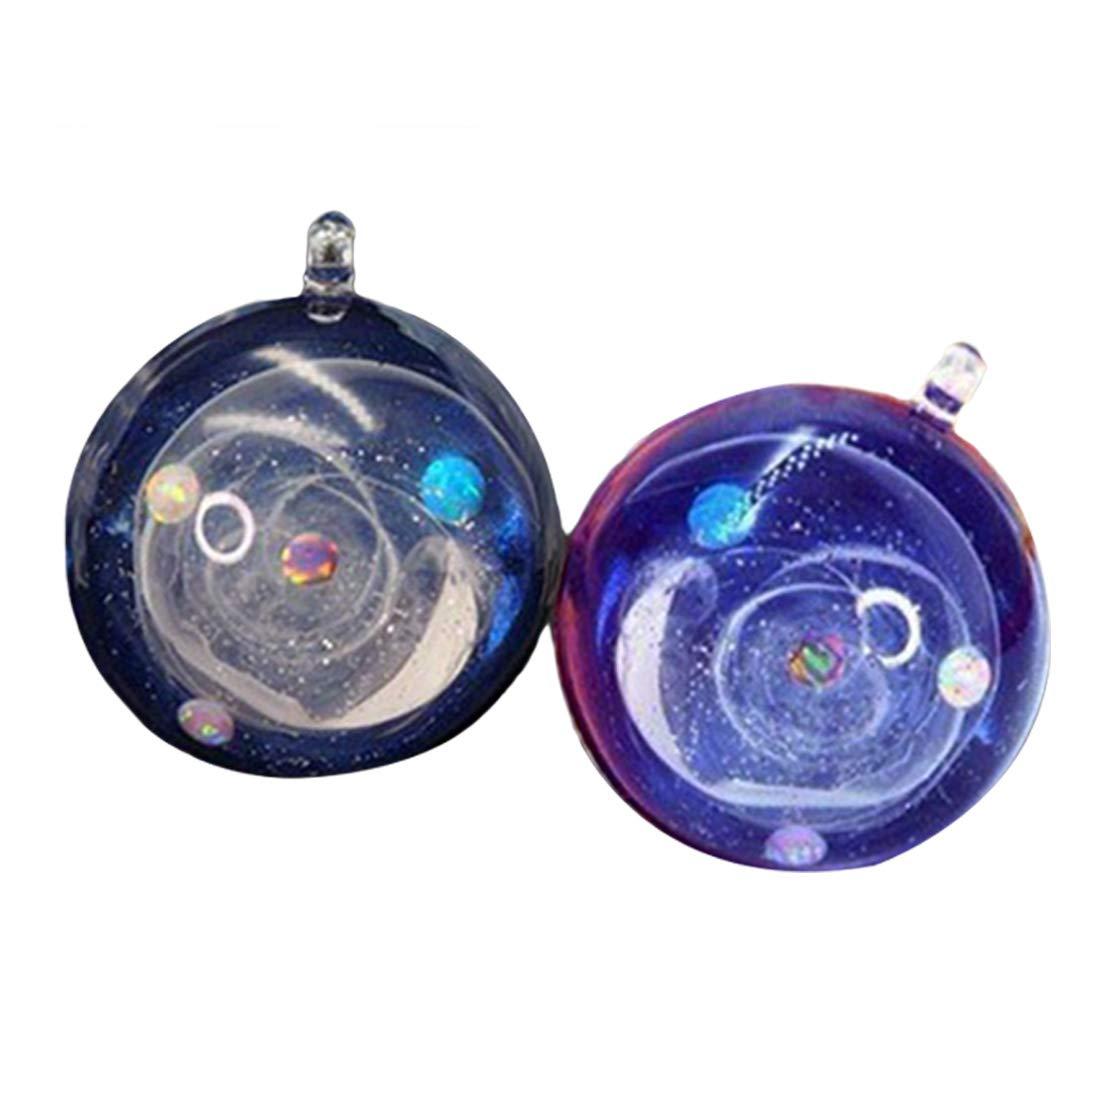 Molde de Resina de Silicona Transparente Arte de DIY Diferentes tama/ños Universo Forma de Bola Resina epoxi moldes para joyer/ía